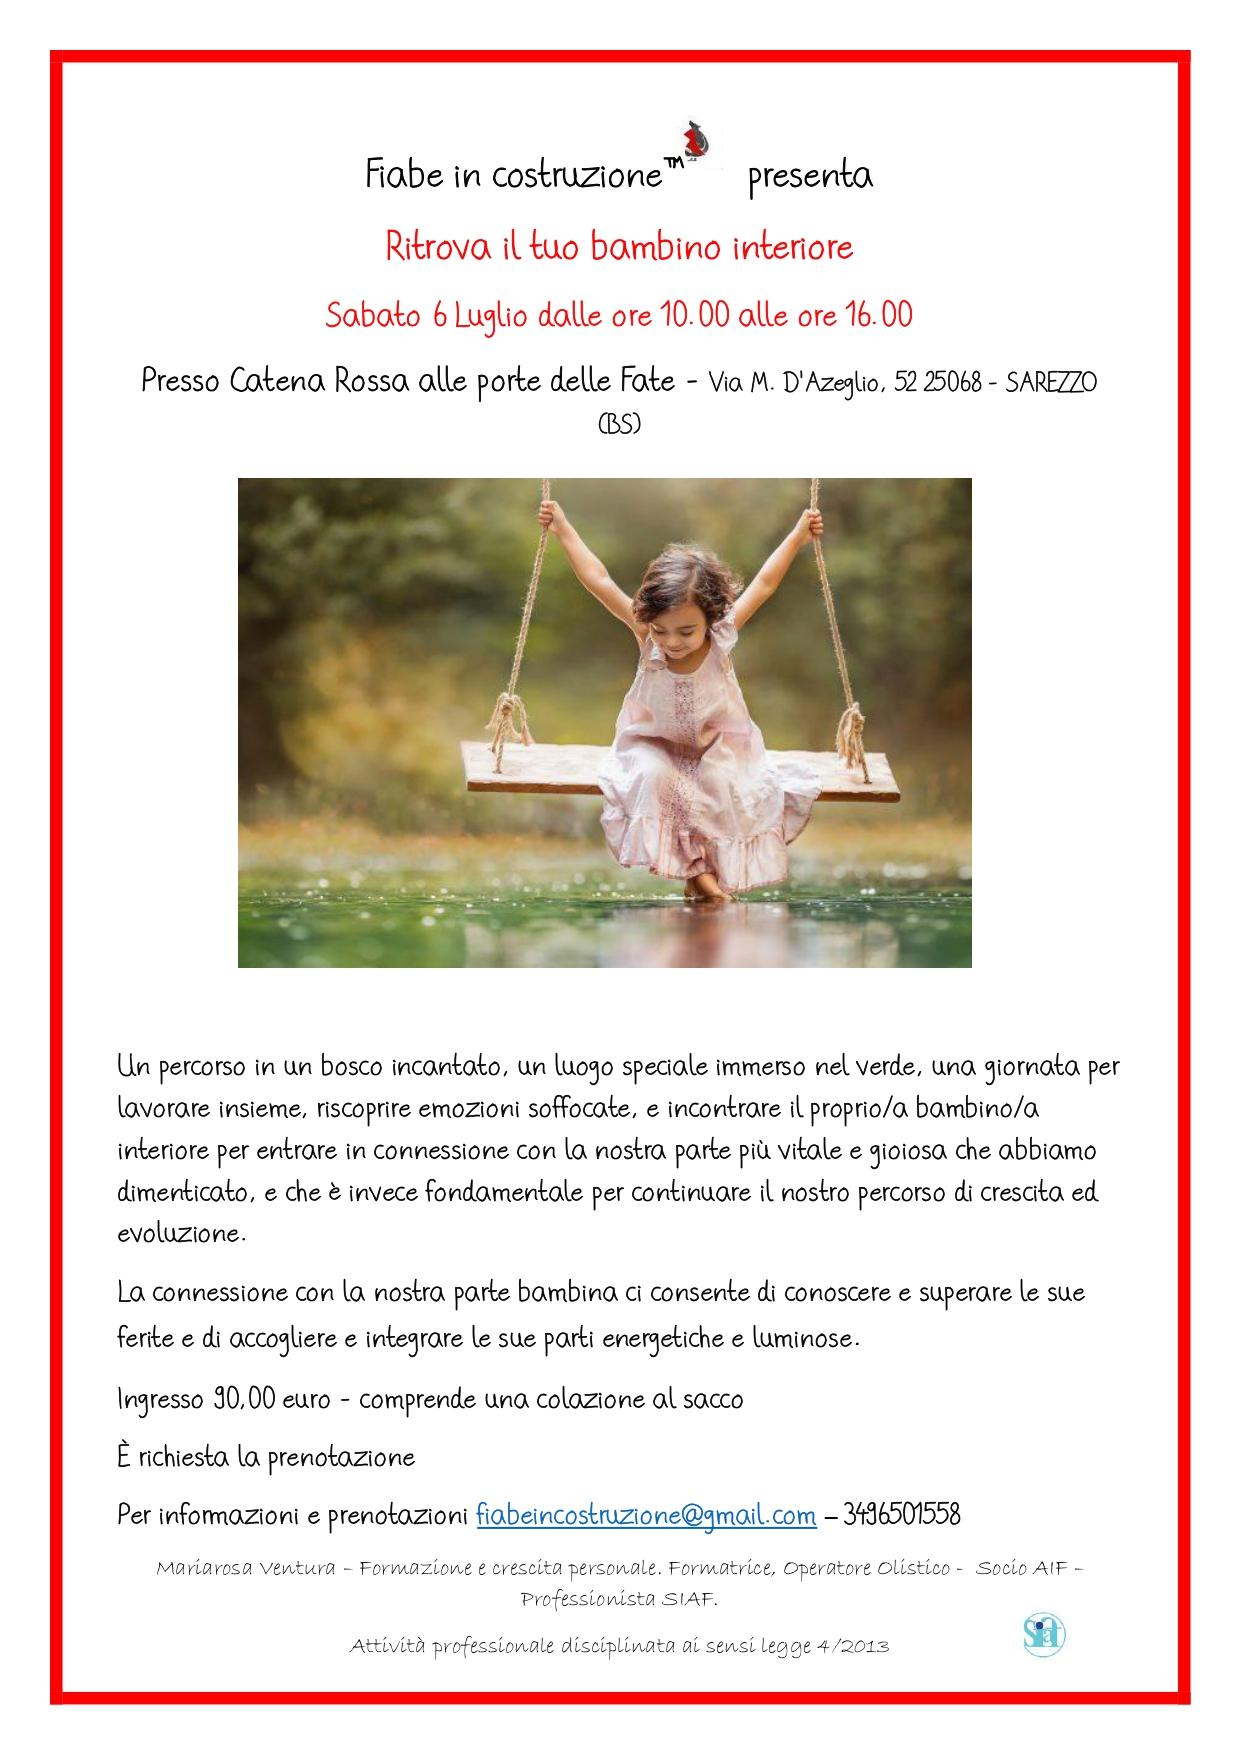 labo bambino interiore Catena Rossa_pages-to-jpg-0001 (2)